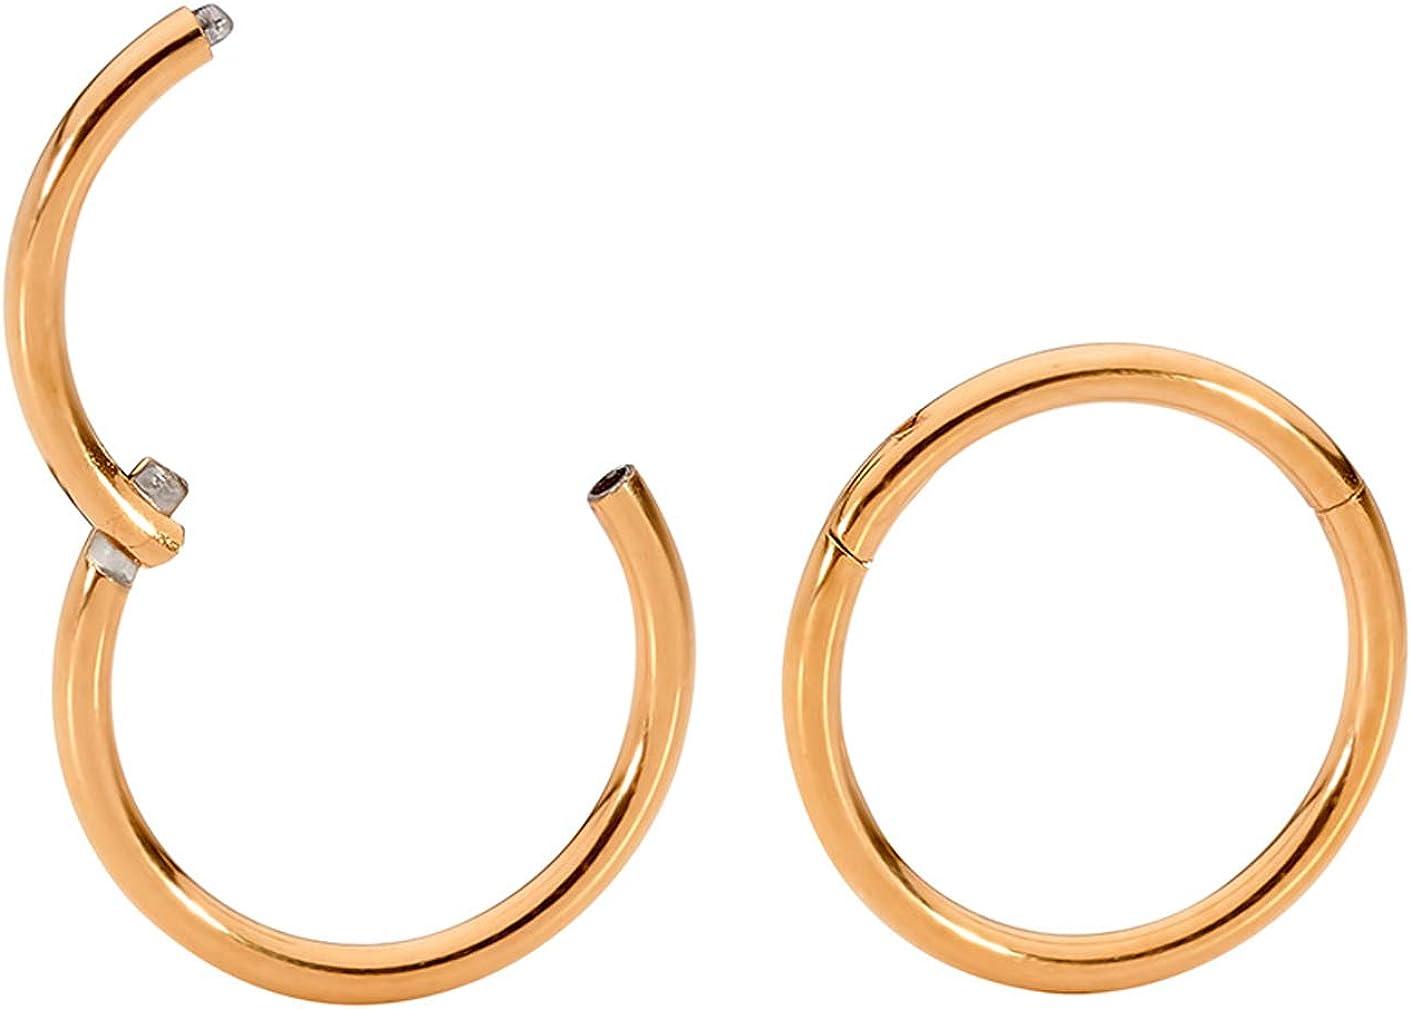 365 Sleepers 1 Pair Stainless Steel 20G (Very Thin) Hinged Segment Ring Hoop Sleeper Earrings Body Piercing 5mm / 6mm / 7mm / 8mm / 9mm / 10mm